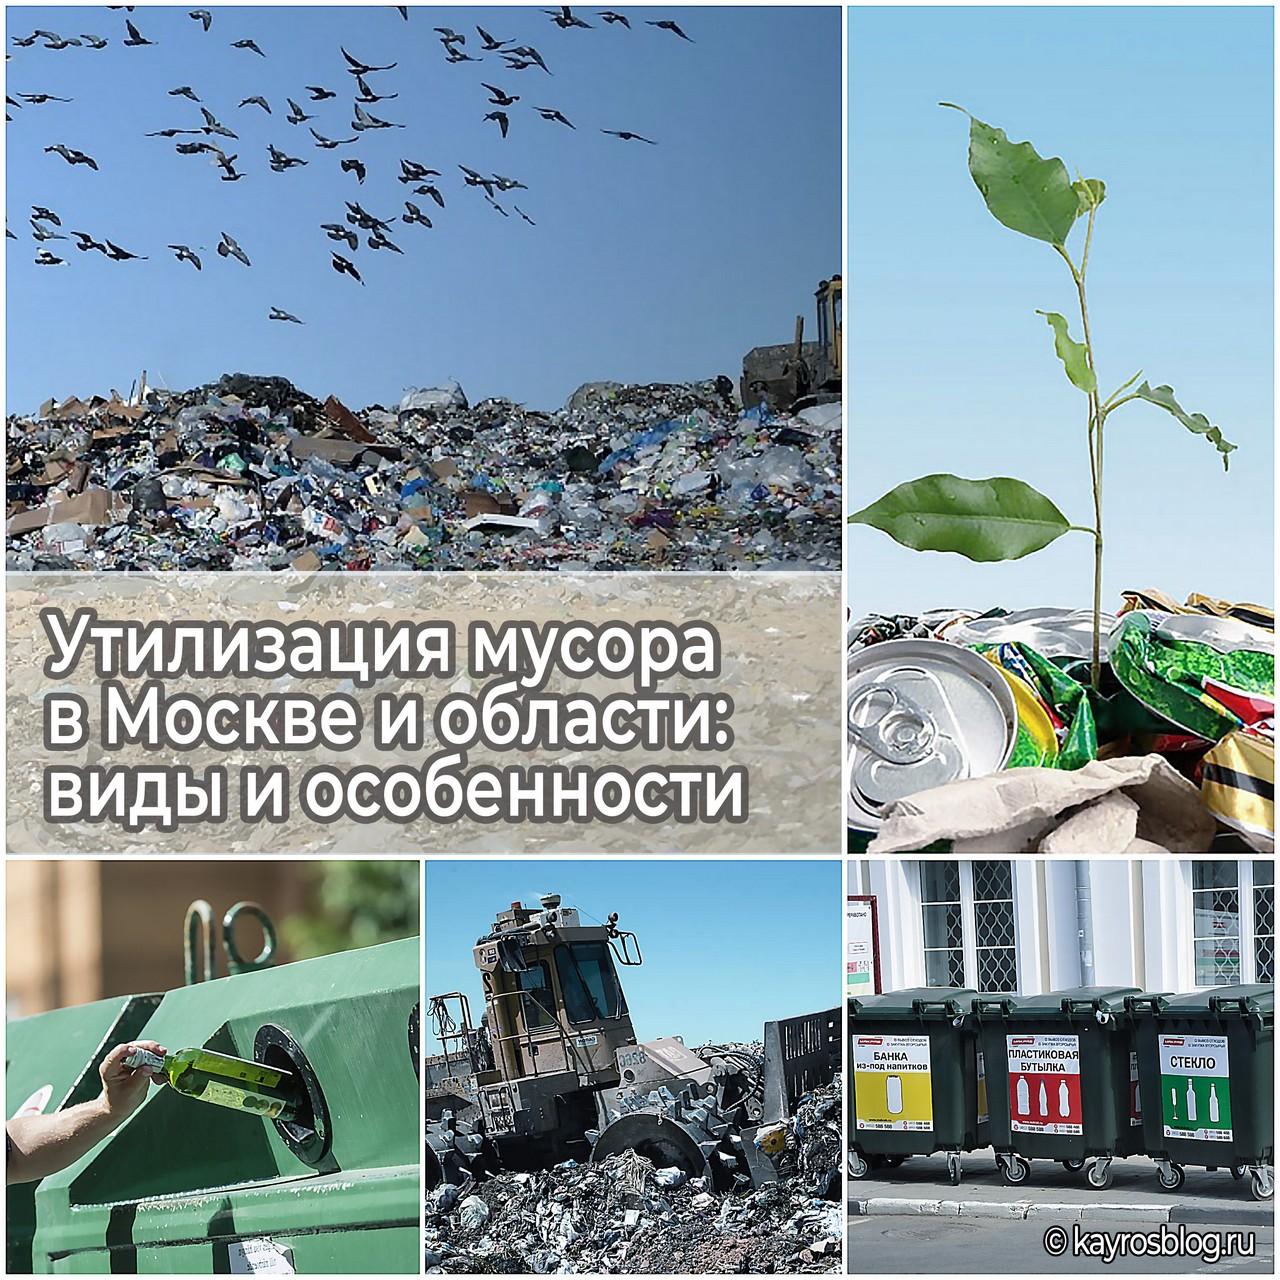 Утилизация мусора в Москве и области виды и особенности